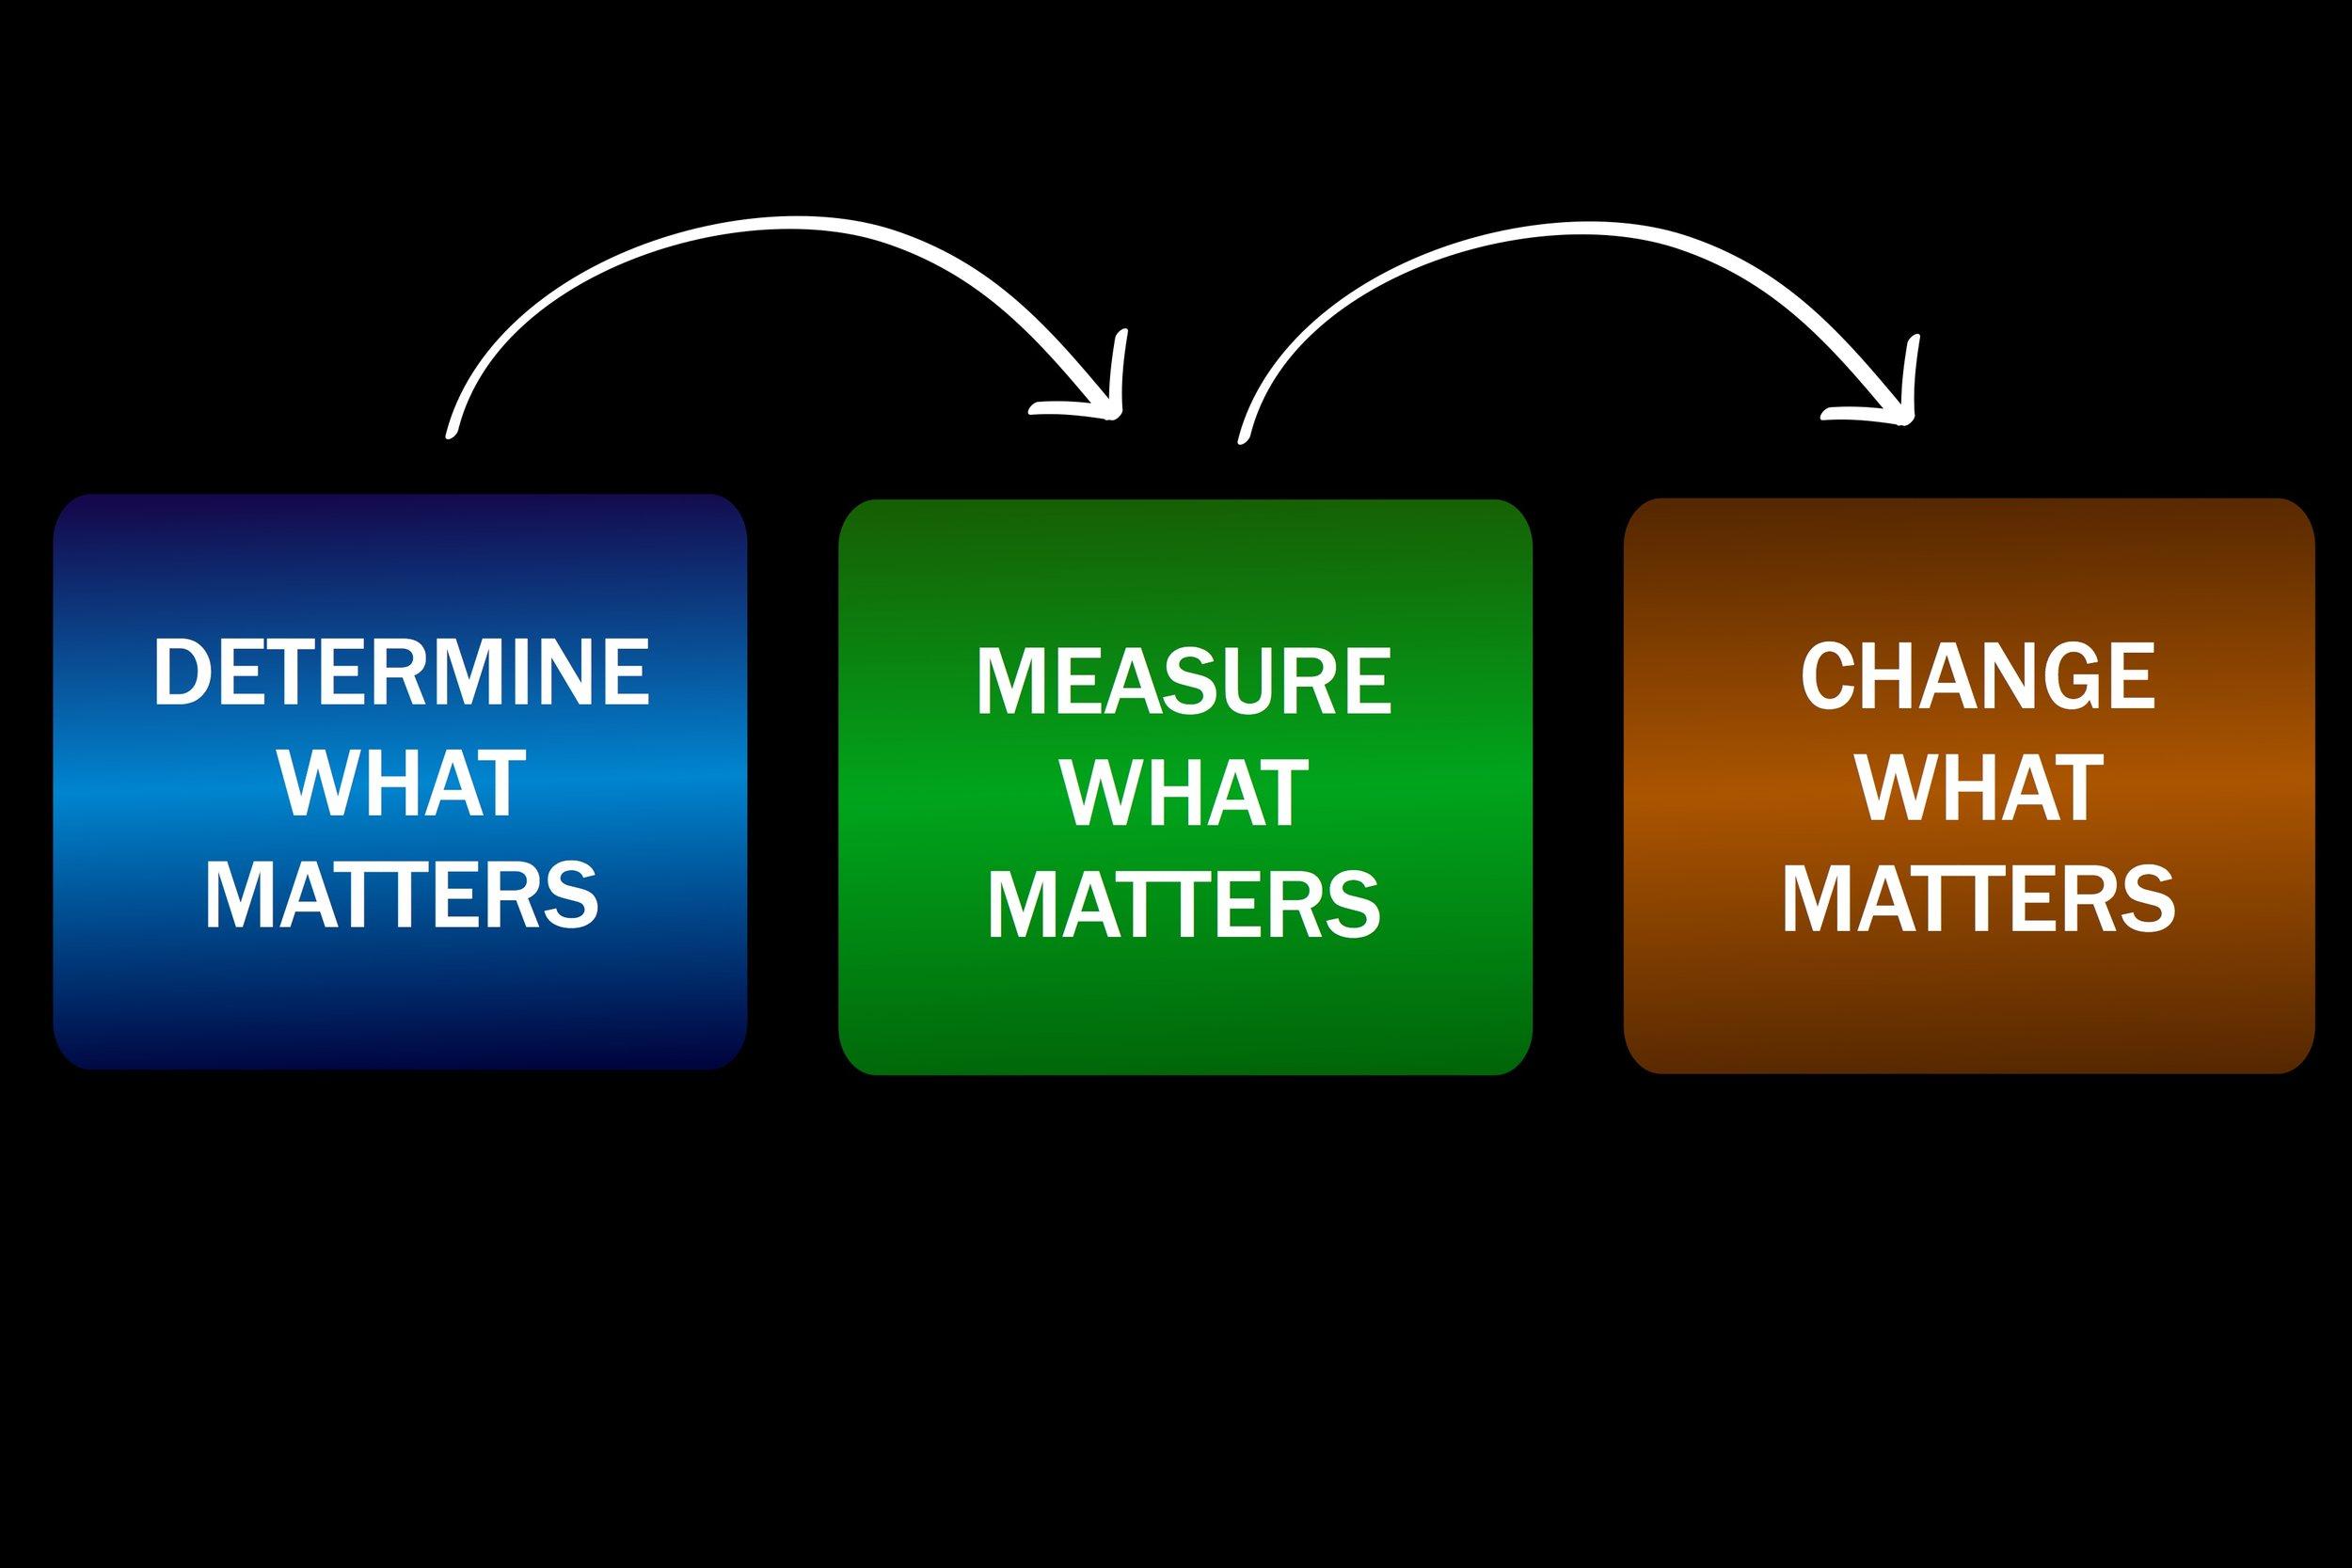 Determine-Measure-Change.jpg